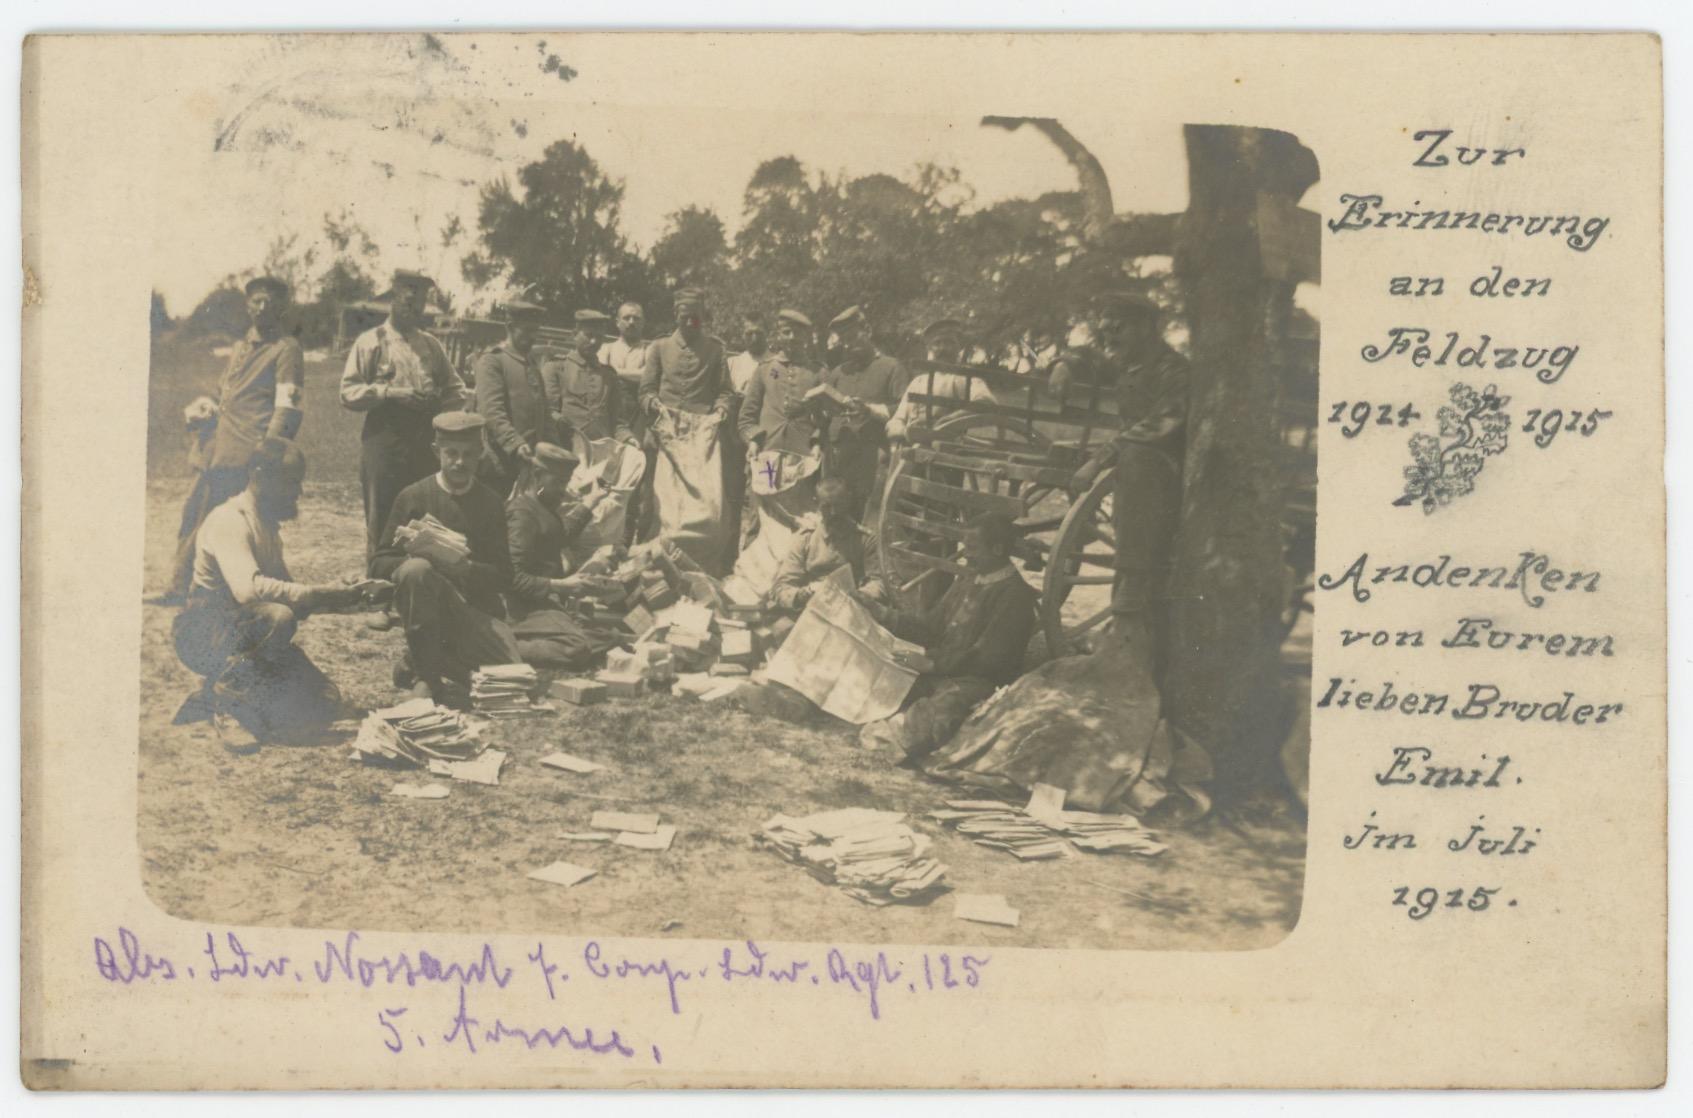 Carte Ancienne Photographie - Guerre 14/18 - Armée Allemande - 125ème Landwehr Infanterie - Prusse / Alsaciens - Conscription - Prusse Campagne 1914/1915 - Camp distribution courrier.